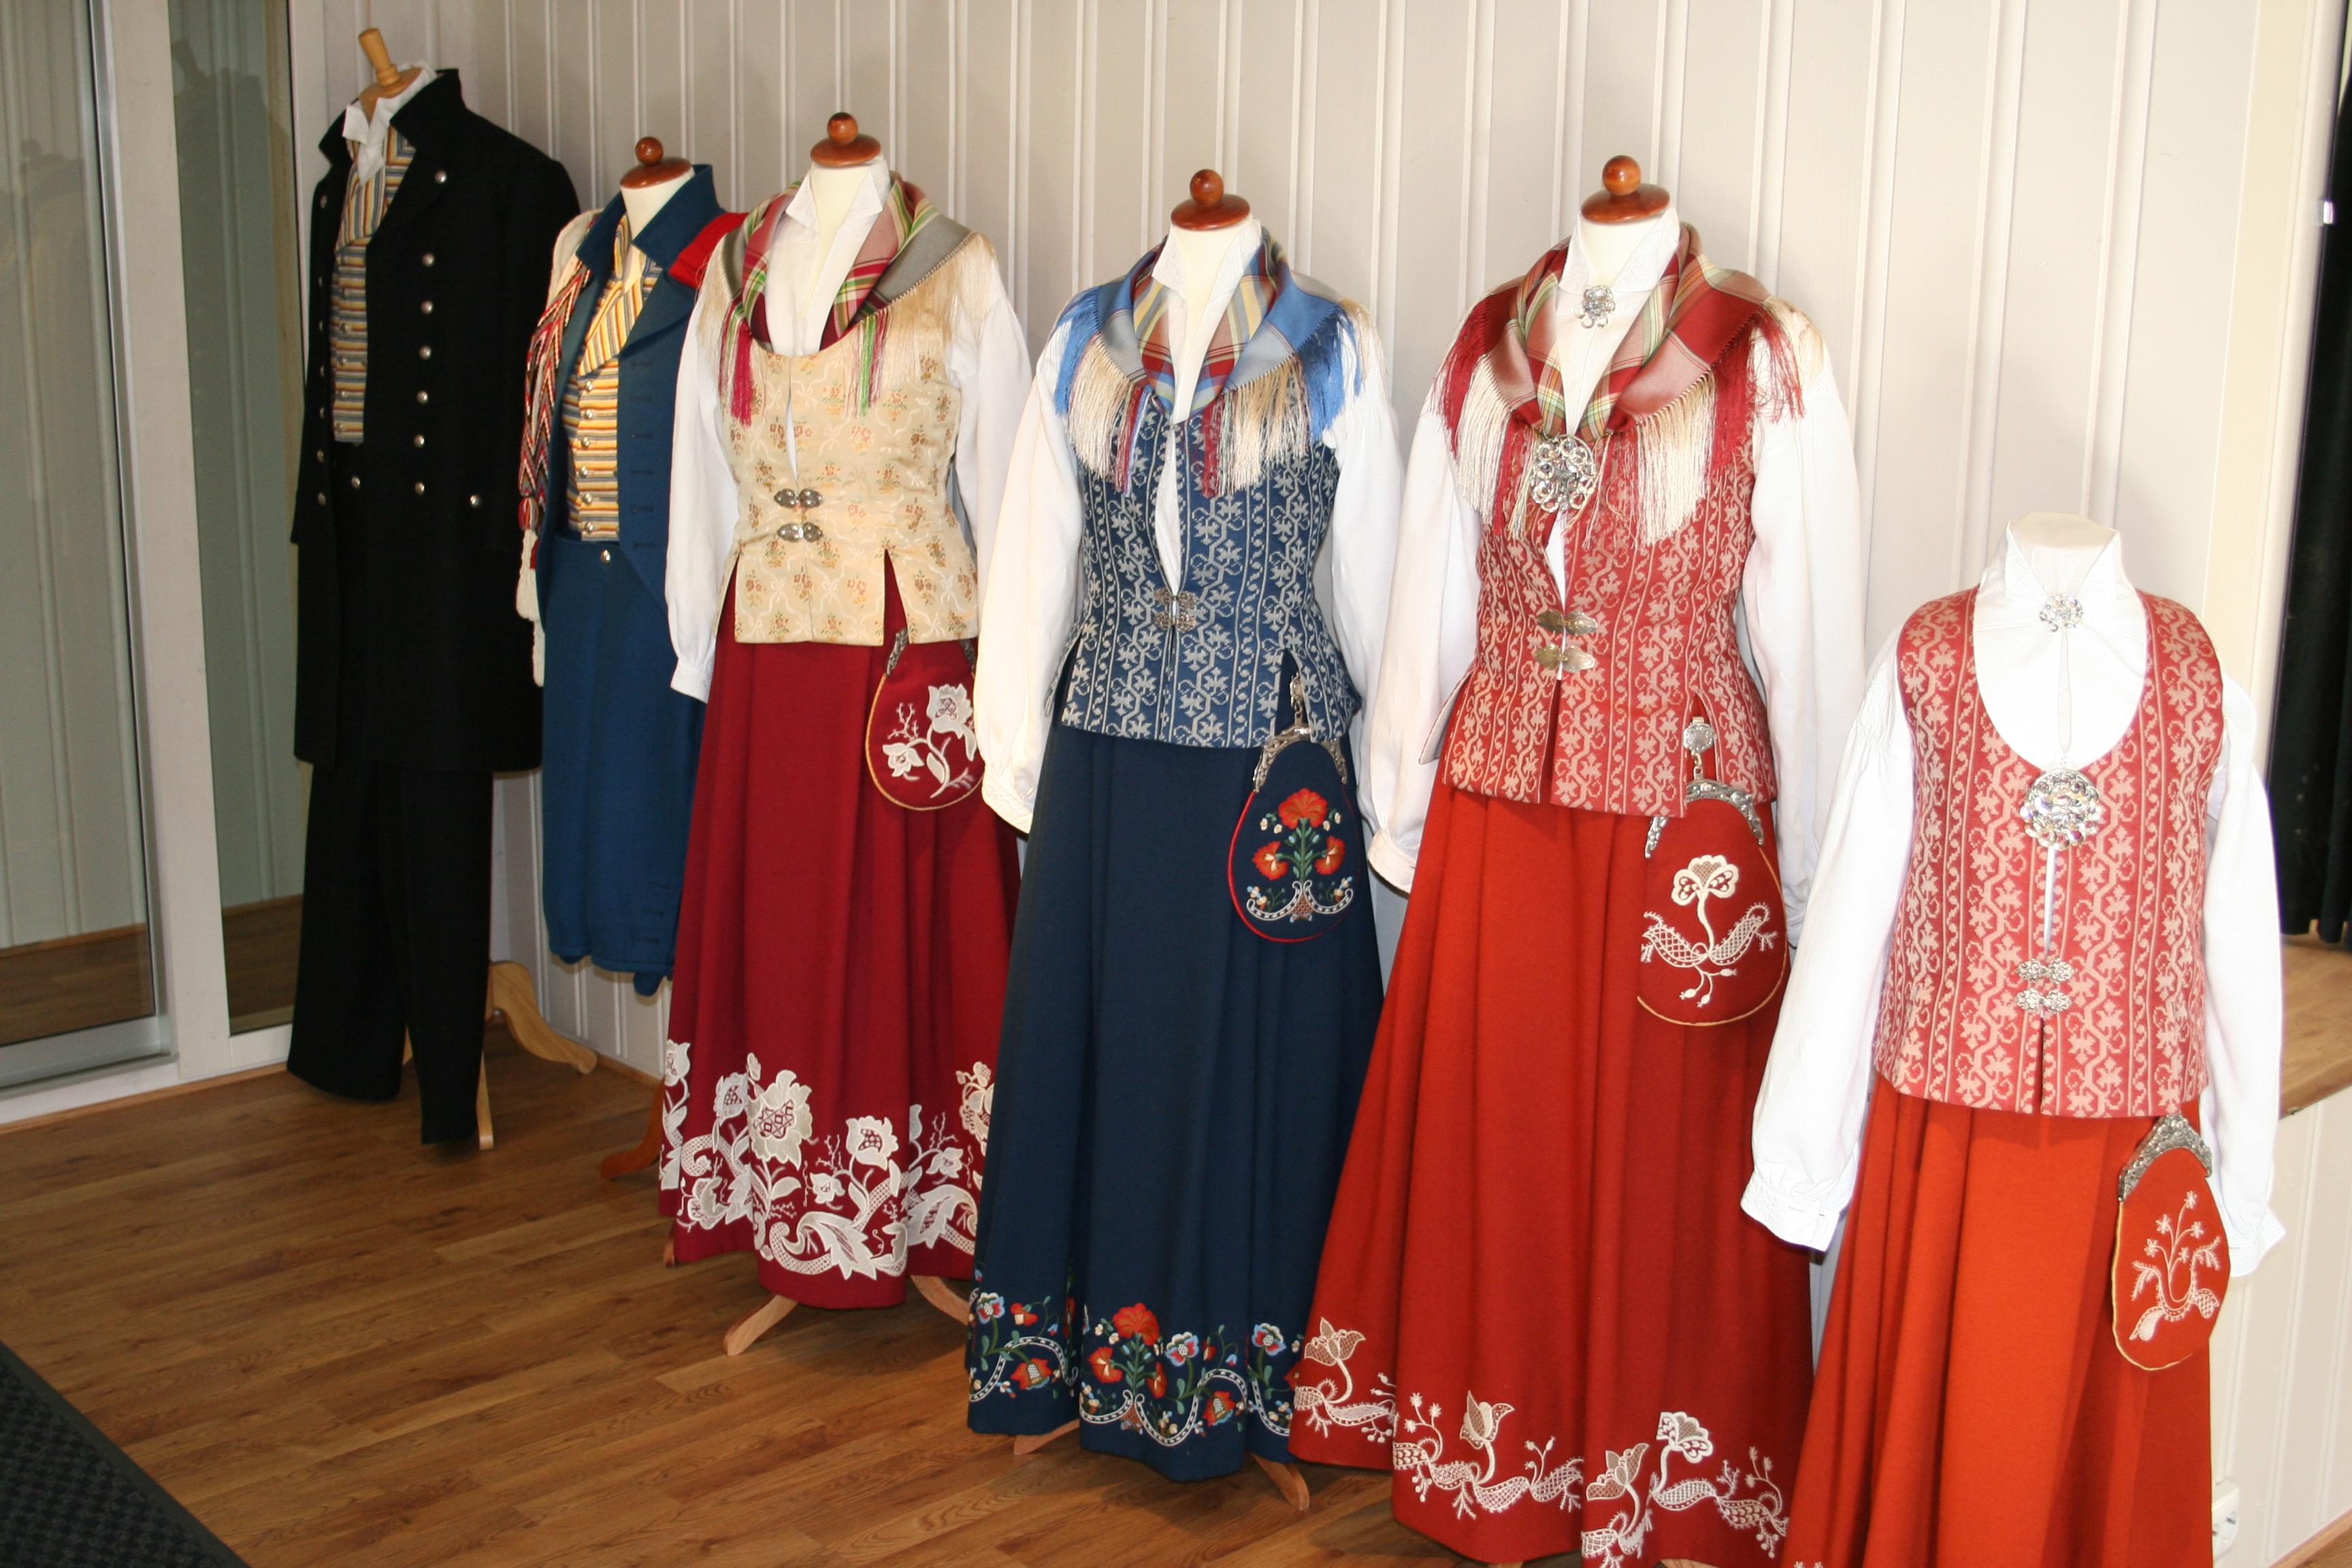 historiske utstilling av bunader brukt i Nord-Trøndelag i perioden 1910-1960, samt dagens bunader - her floanbunadene. Copyright: Bunadsaum